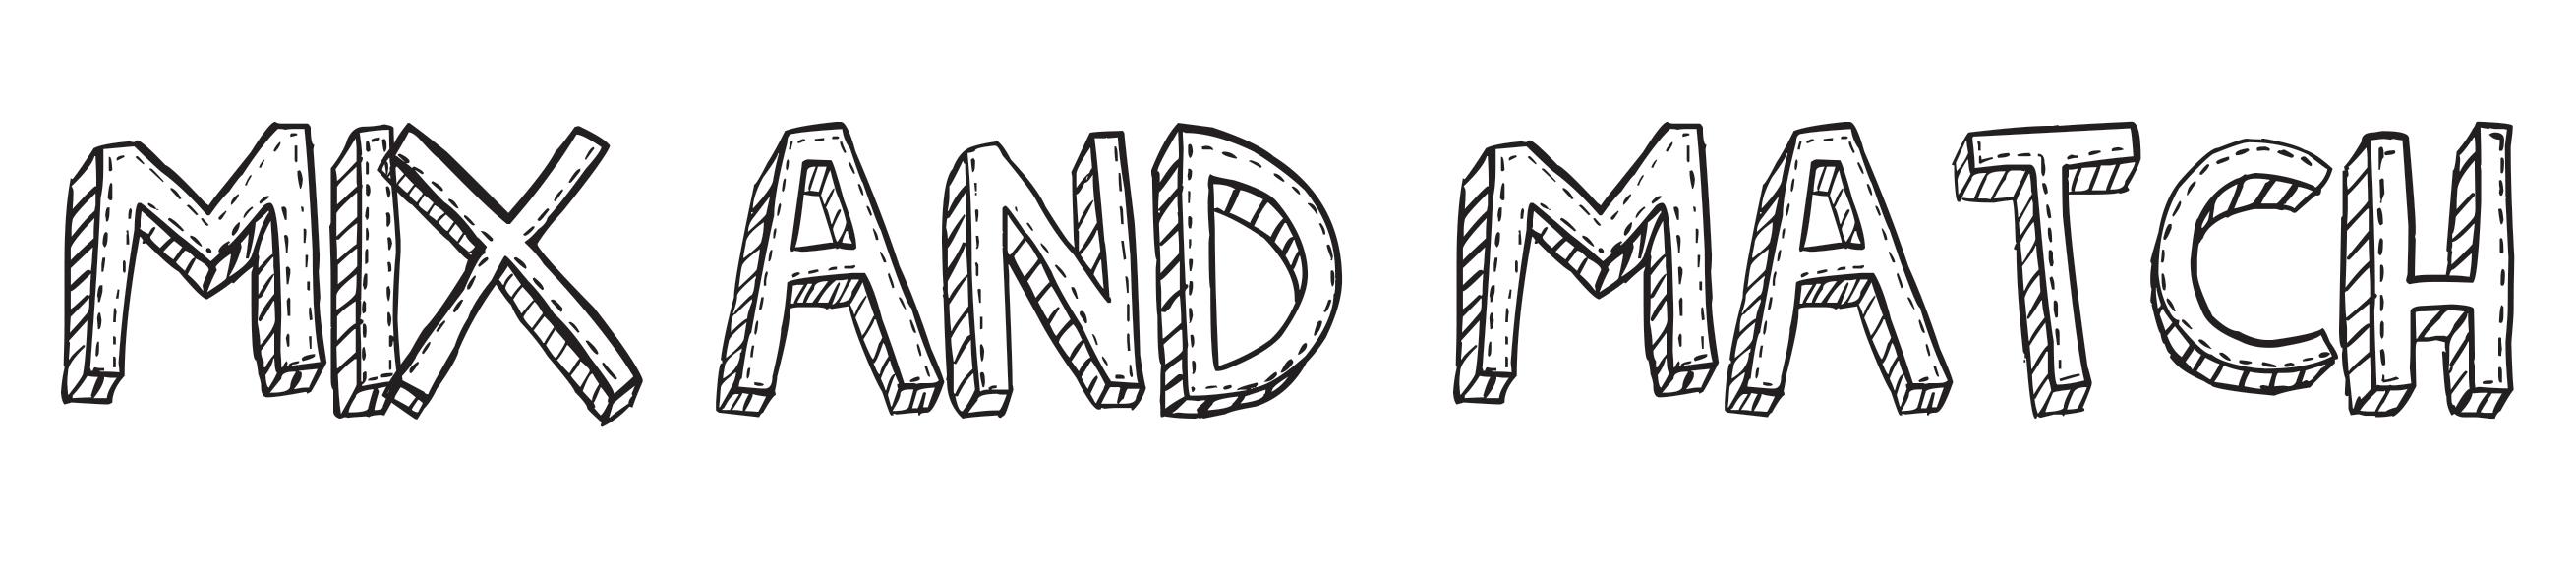 Mixandmatch_logo on 2012 05 24